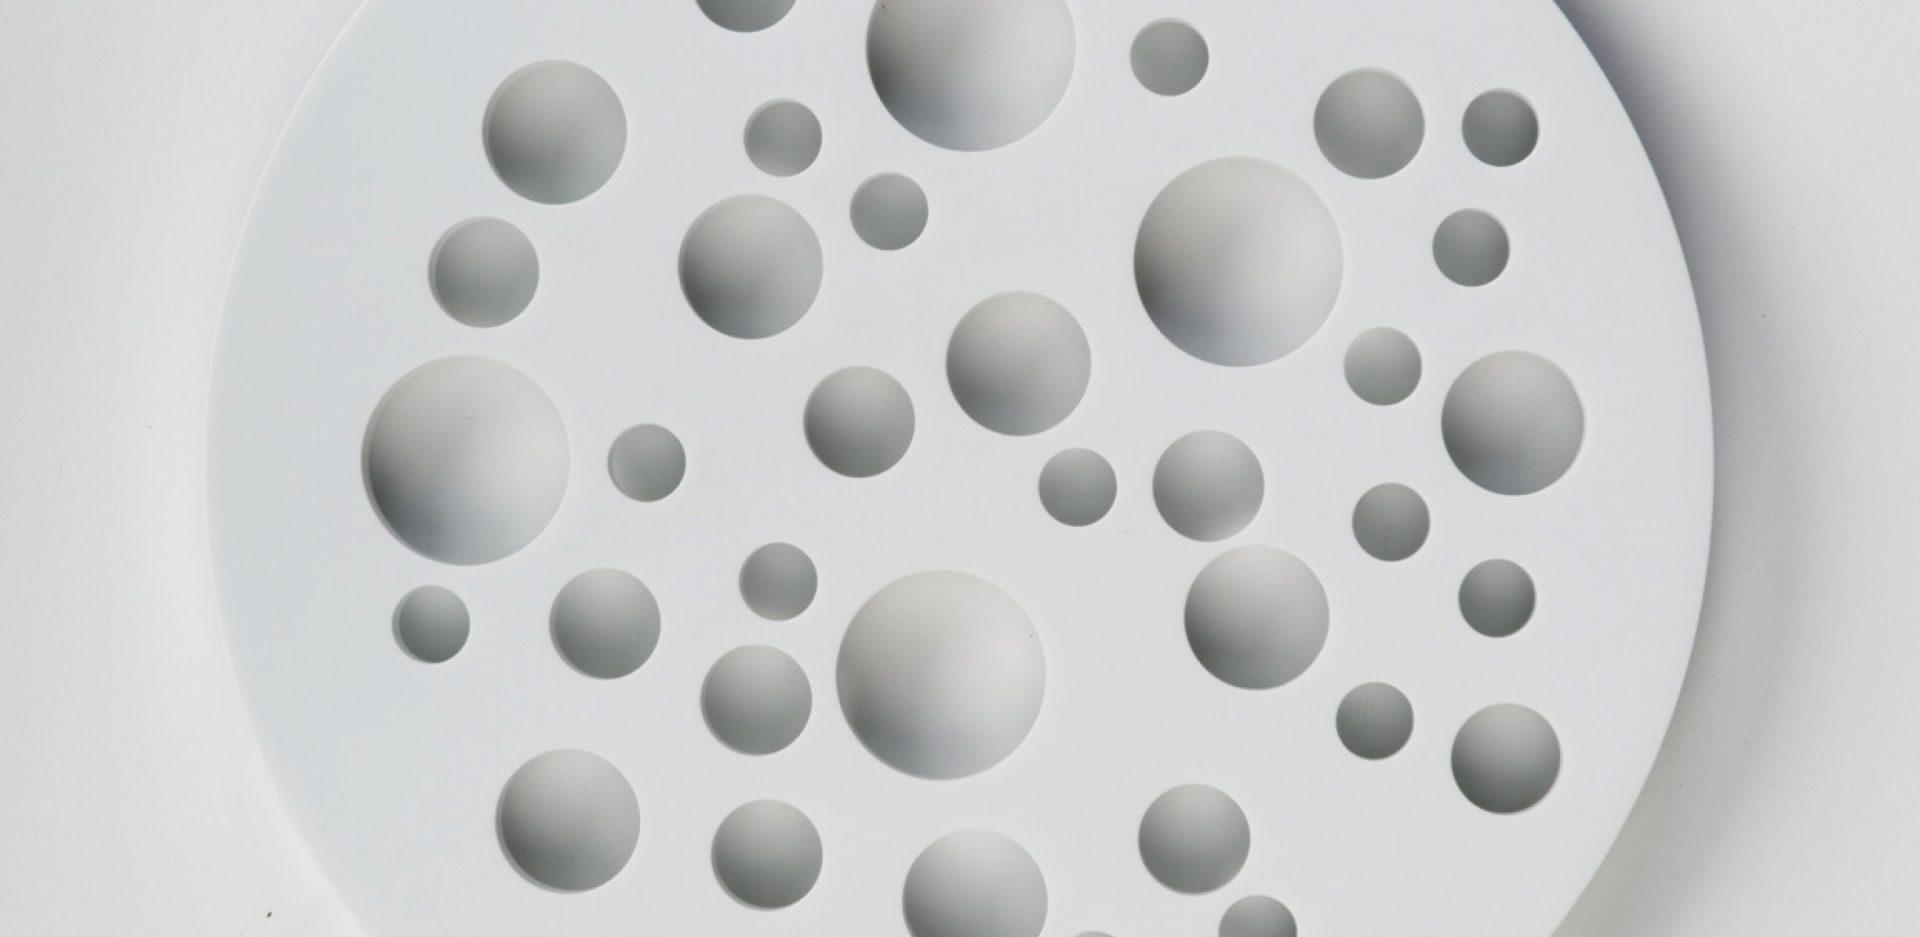 Dessous de plat lunair par Henri p, designer français - Melville Design